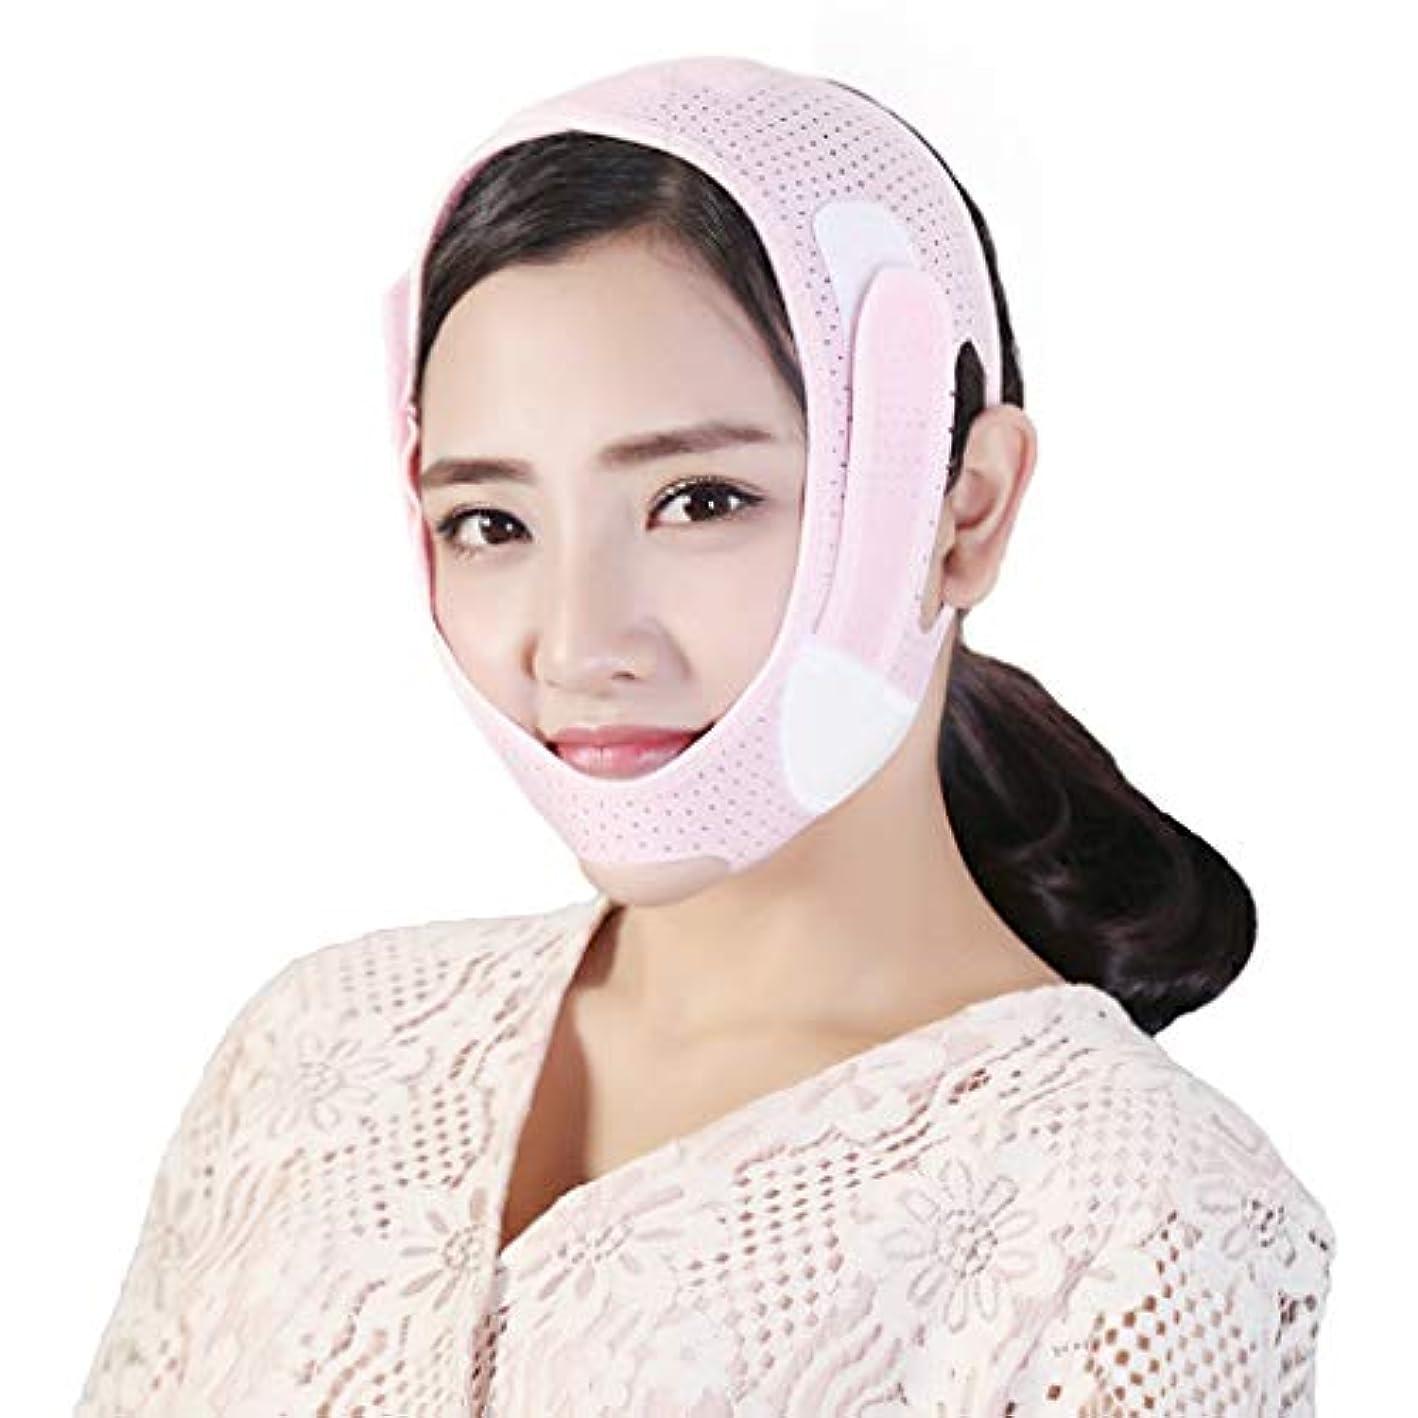 不規則性ひまわり直径減量マスク薄い顔のマスクV顔の薄い顔の咬筋ダブル顎の包帯睡眠マスクの通気性